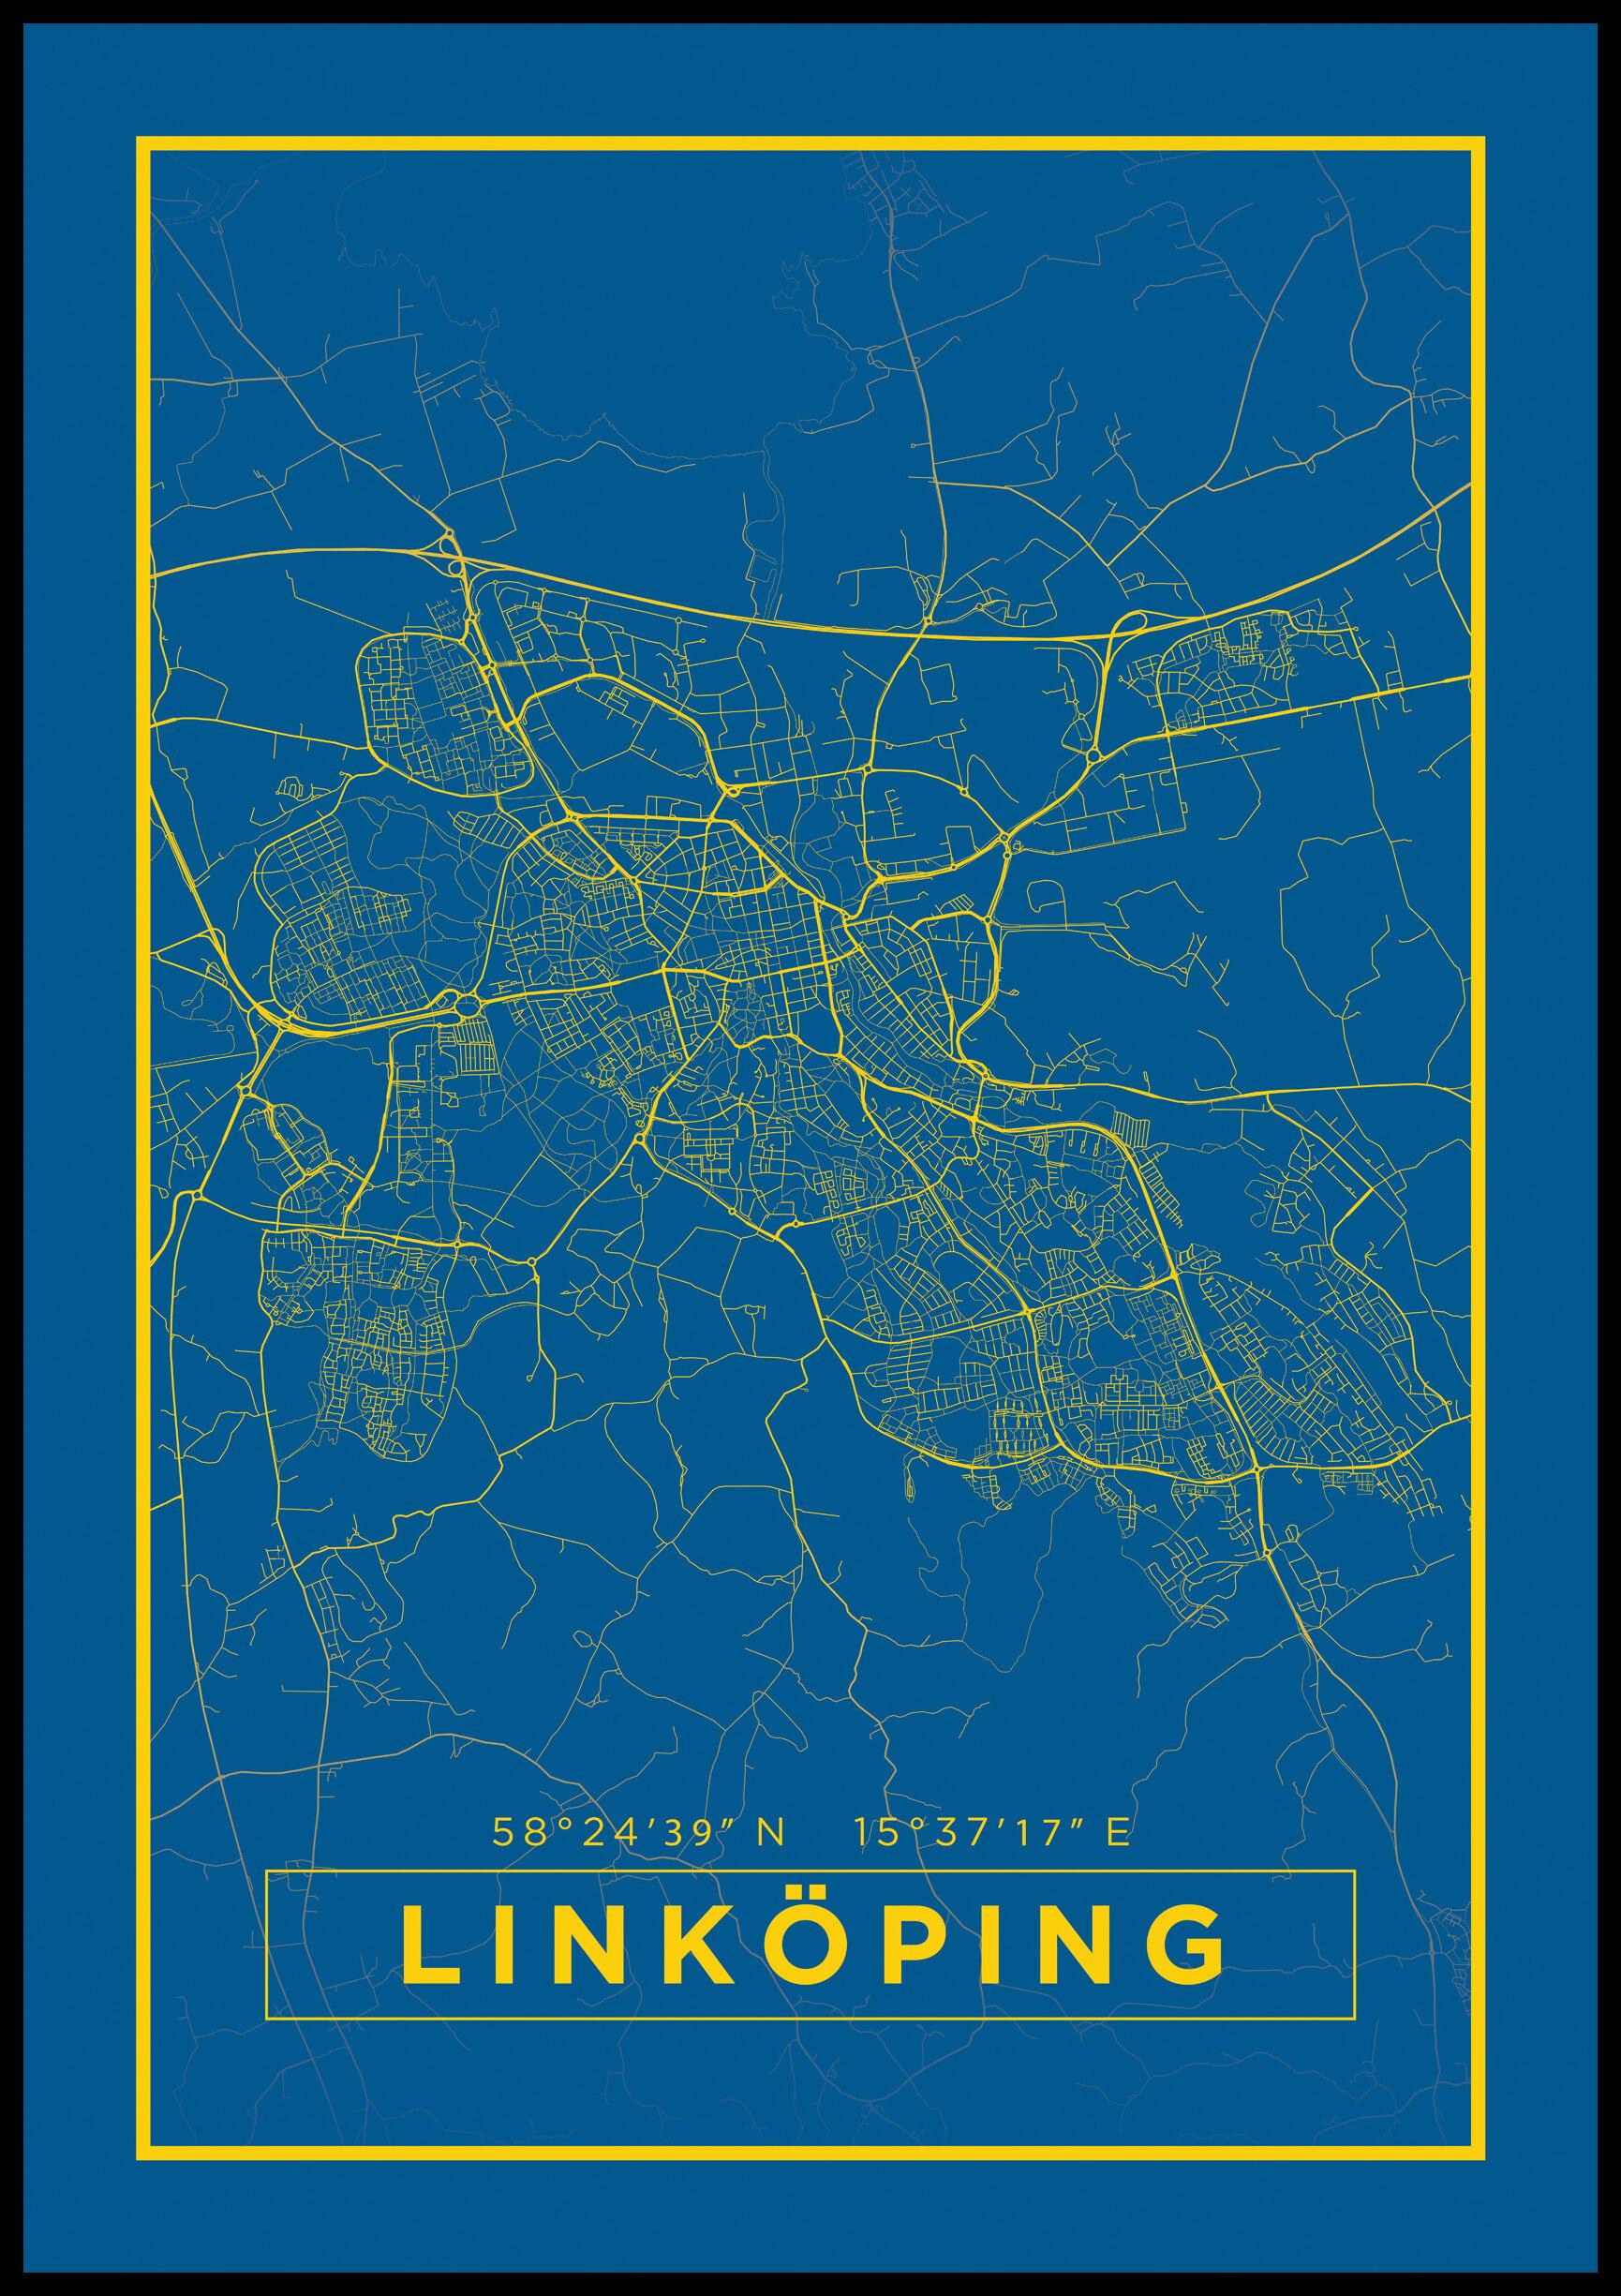 Bildverkstad Kartta - Linköping - Juliste - Sininen